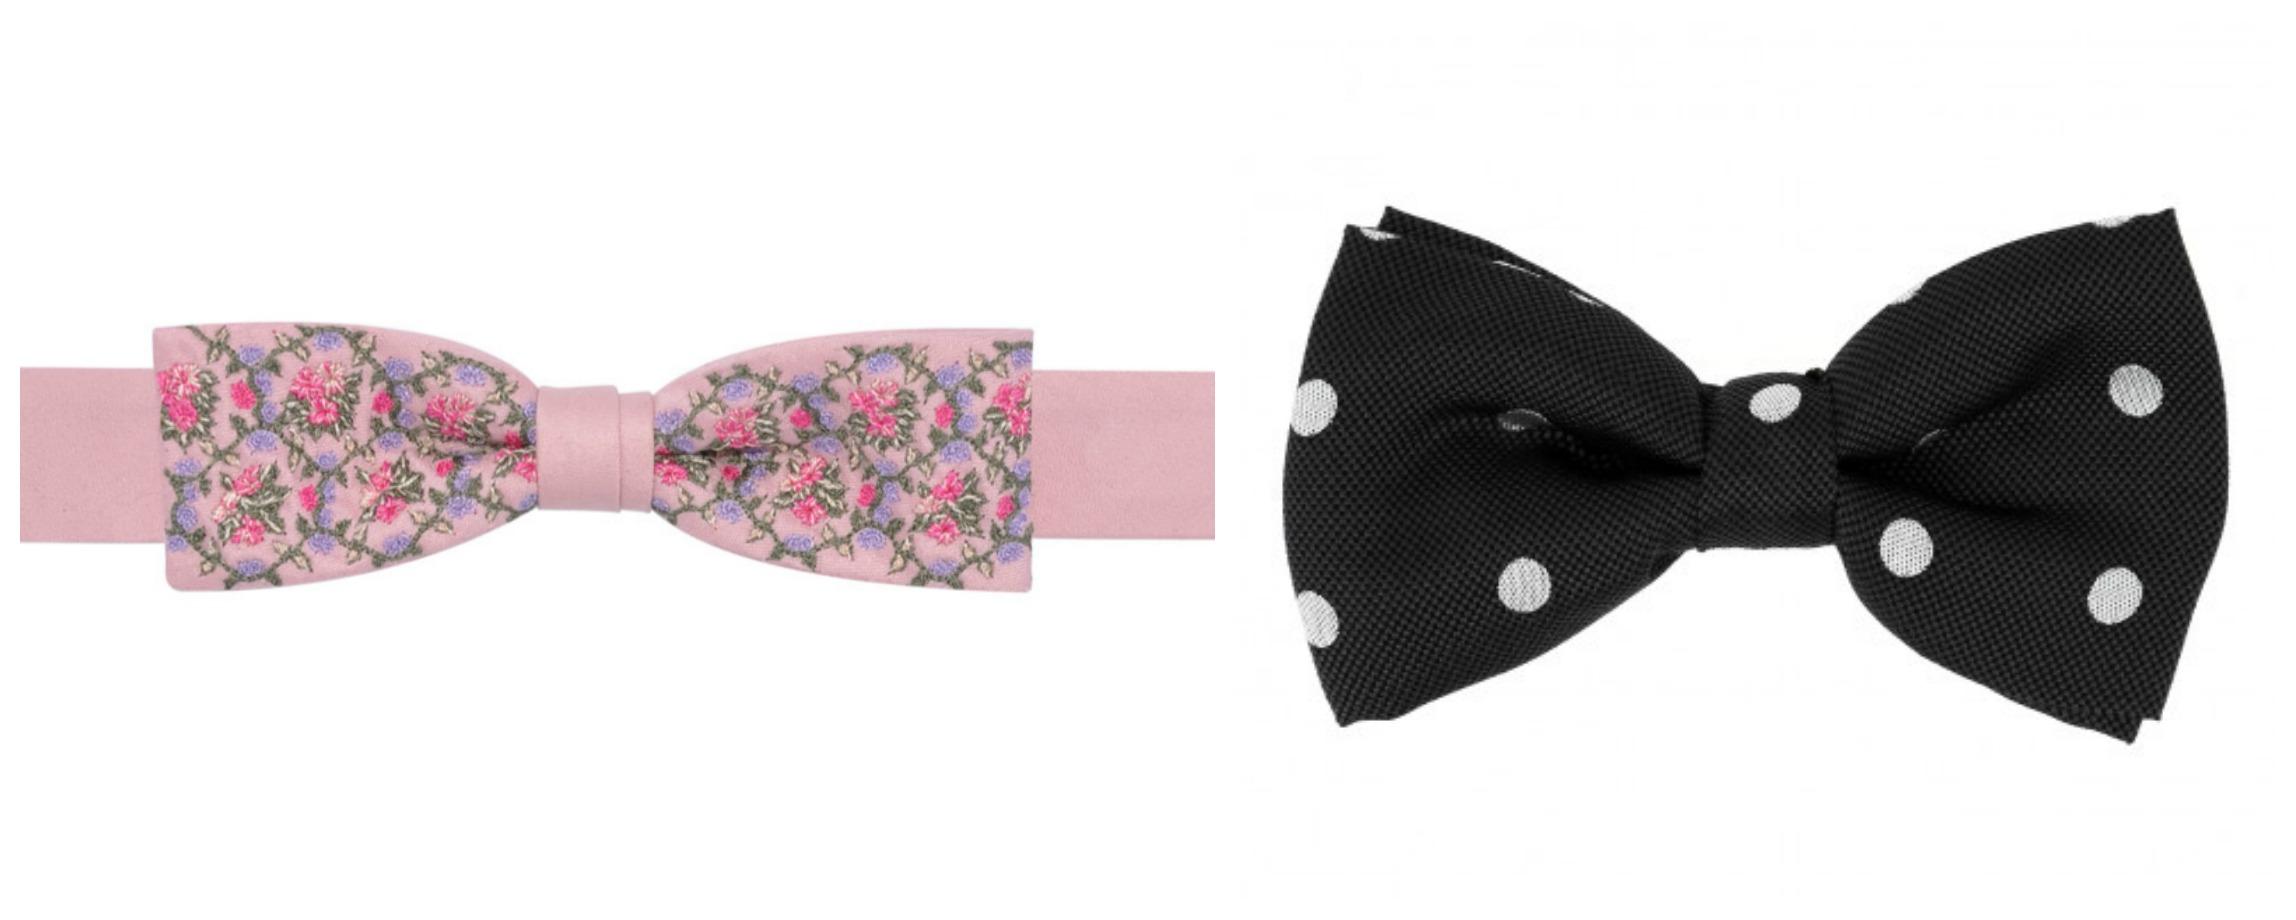 Photo (de gauche à droite) : Ikoniz a Boy et Maison de la Cravate.